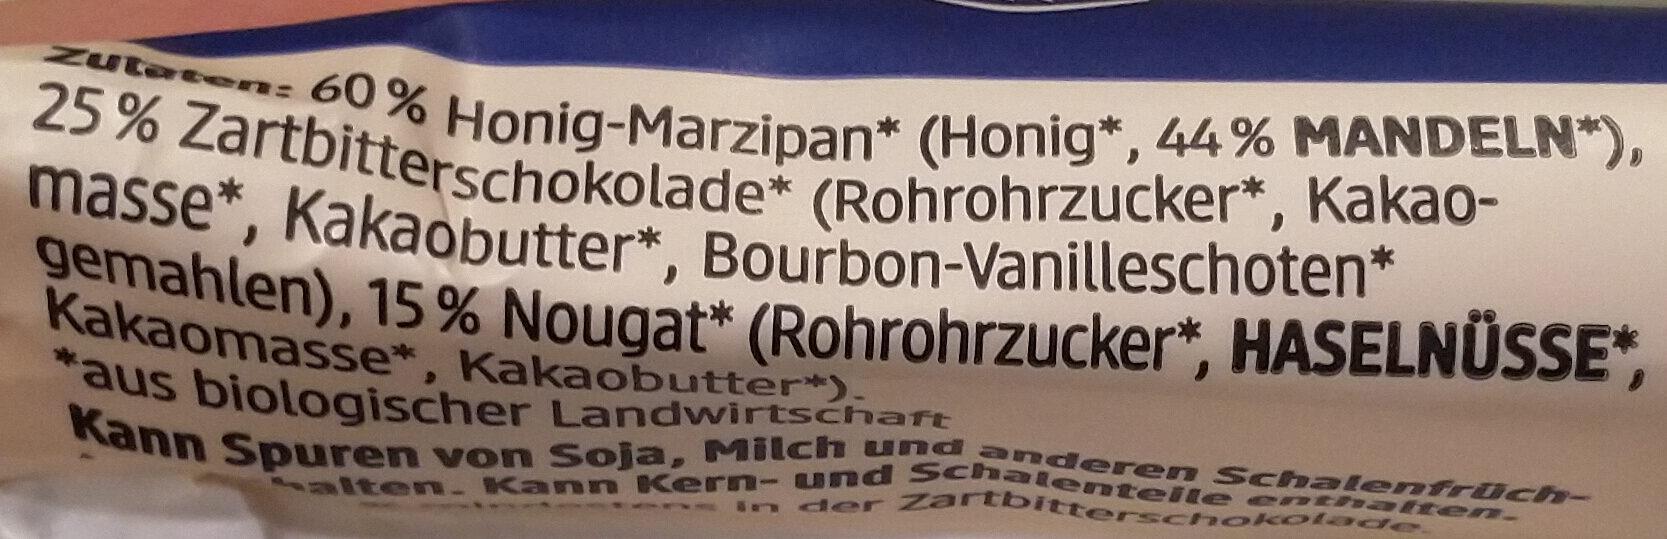 Marzipan Nougat Riegel Zartbitter - Ingredienti - en